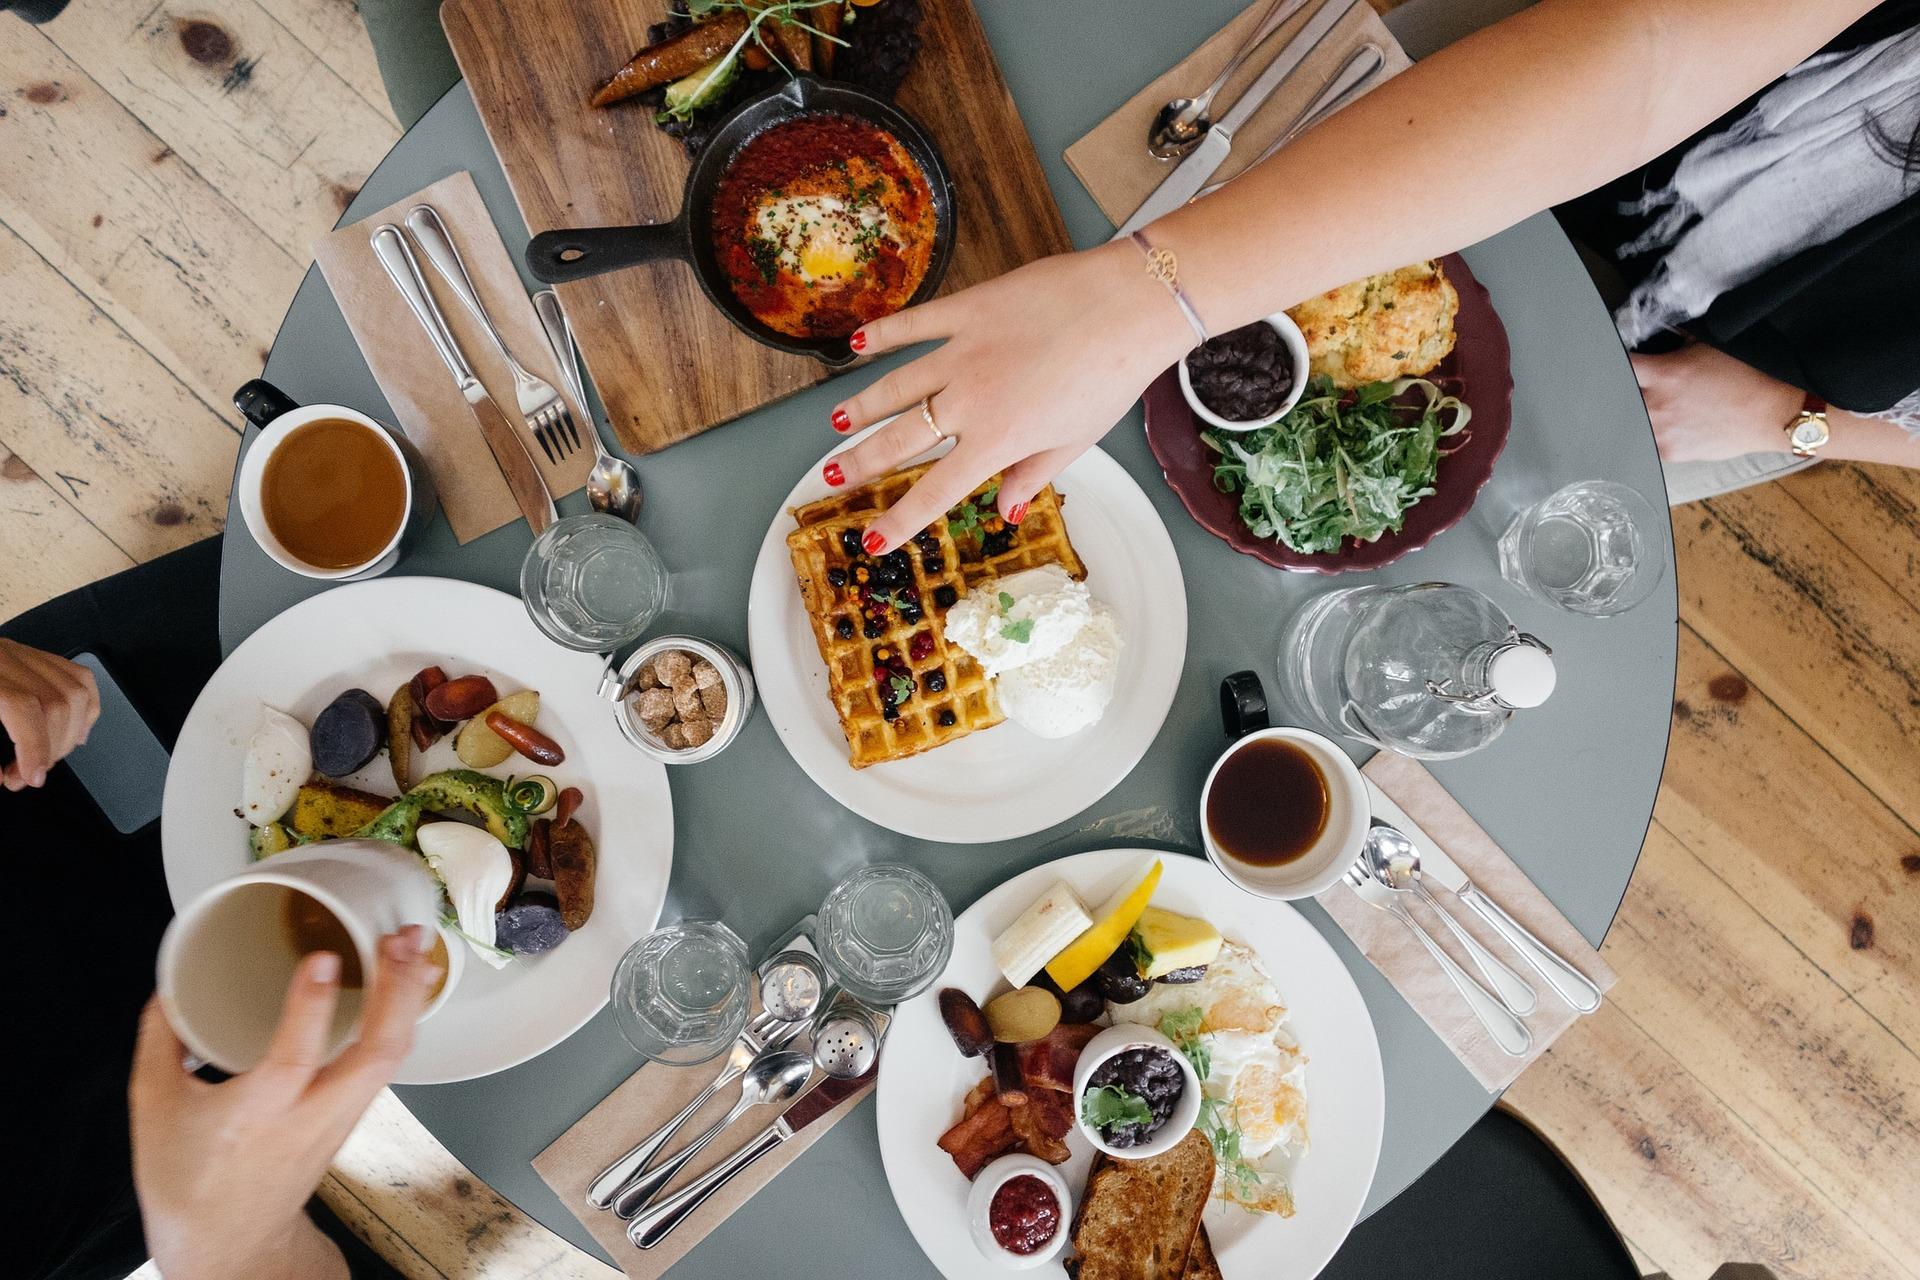 Frühstückstisch von oben bei Business Frühstück